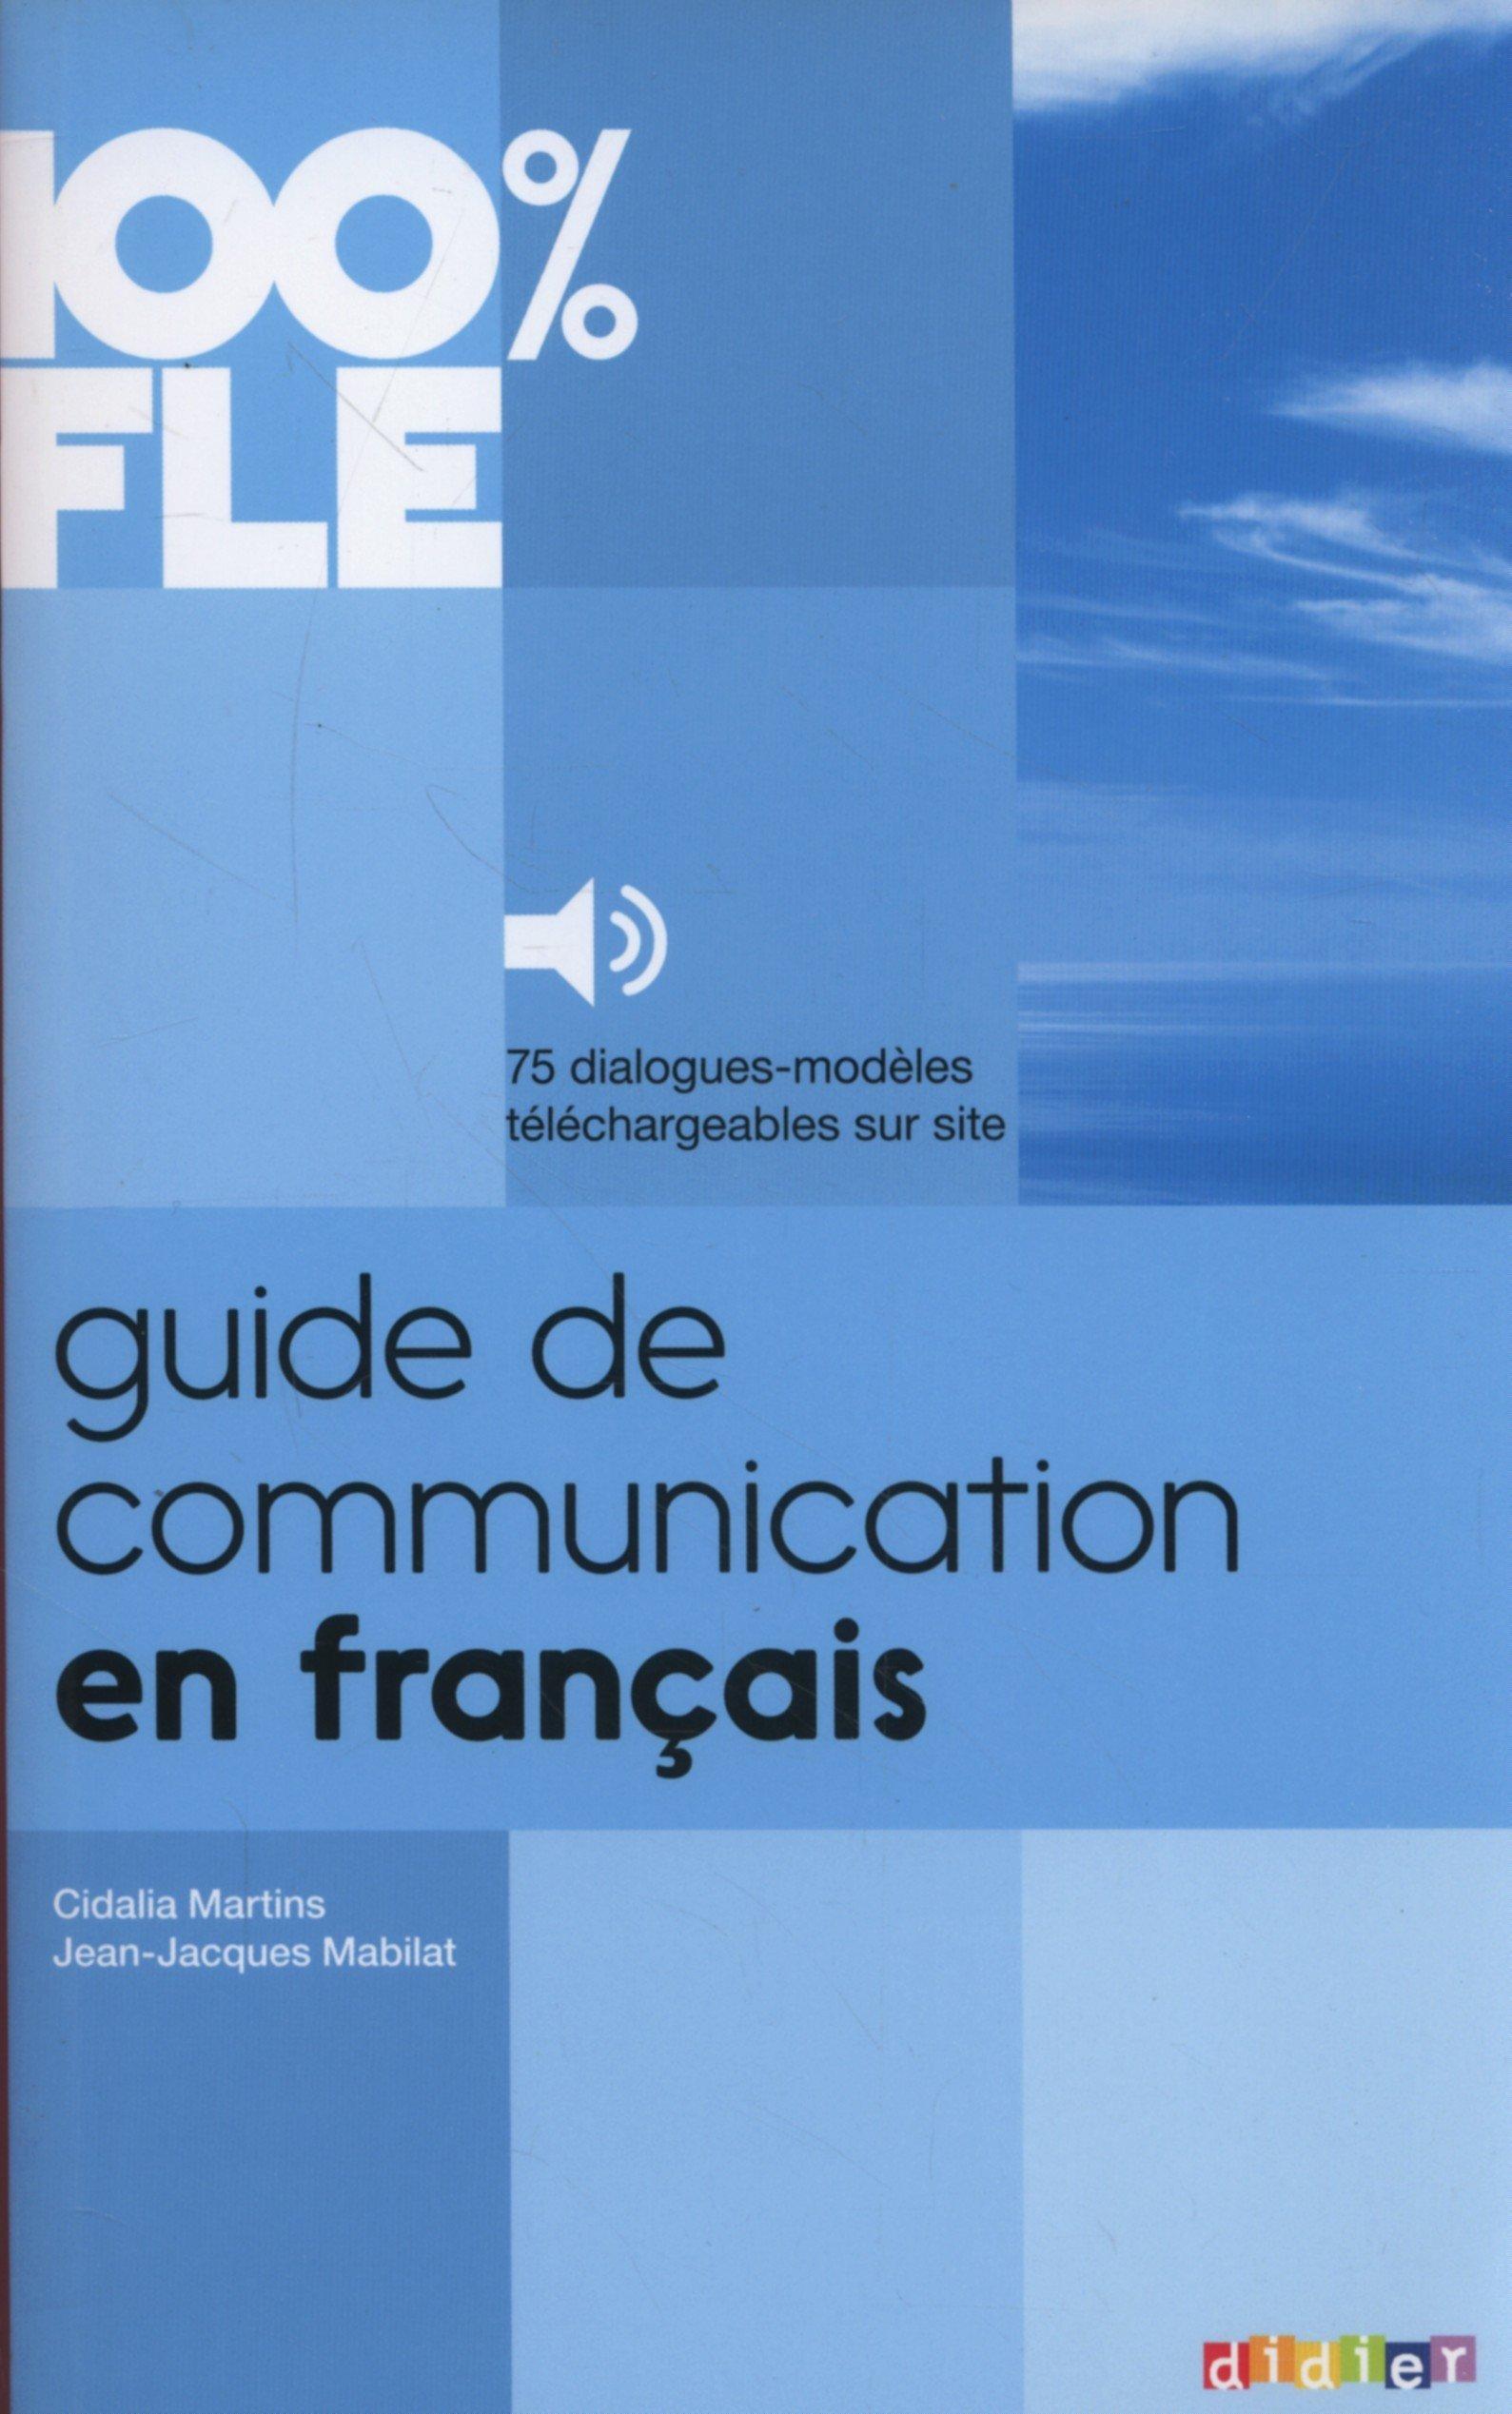 100% FLE - Guide de communication en français: 100% FLE: A1-B2 - Guide de communication en français: Buch MP3 Download